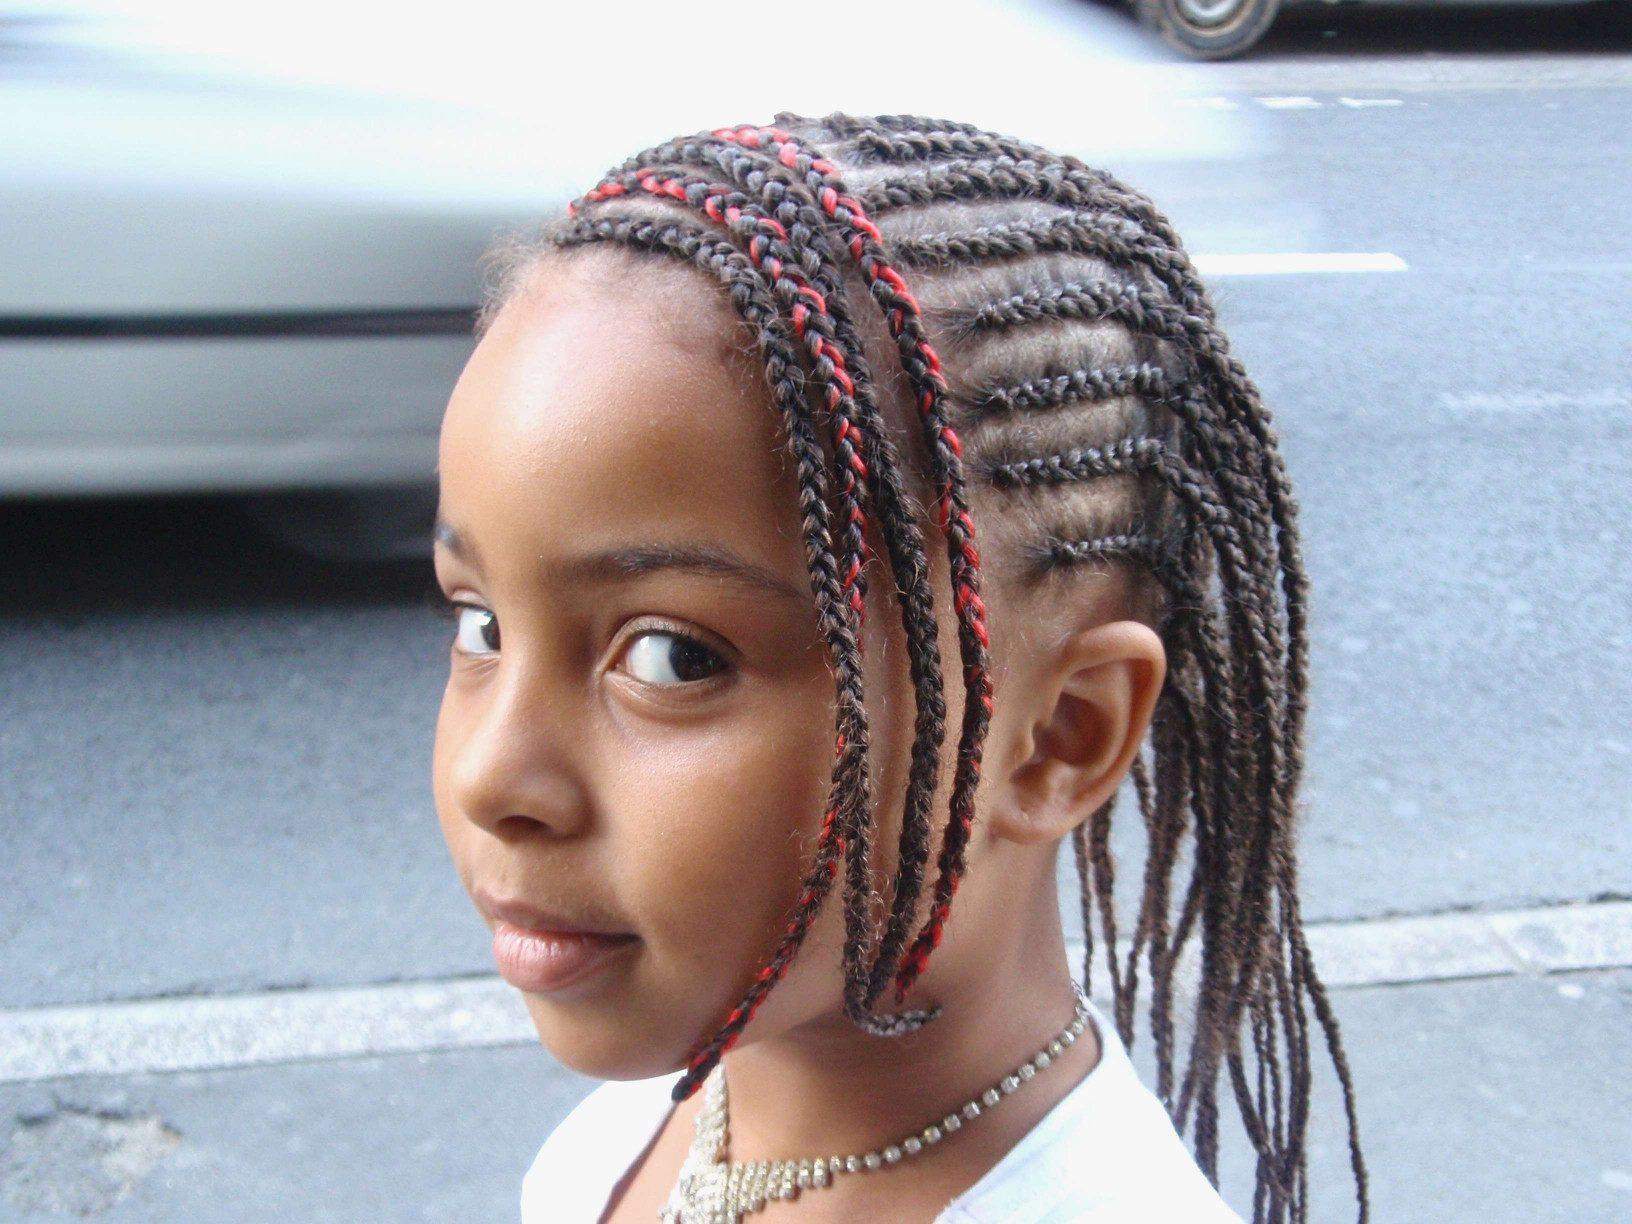 Punaise De Lit Dans Les Cheveux Élégant Coupe Cheveux Enfant 27 Frais Coiffure Pour Enfants – Trucs Pour